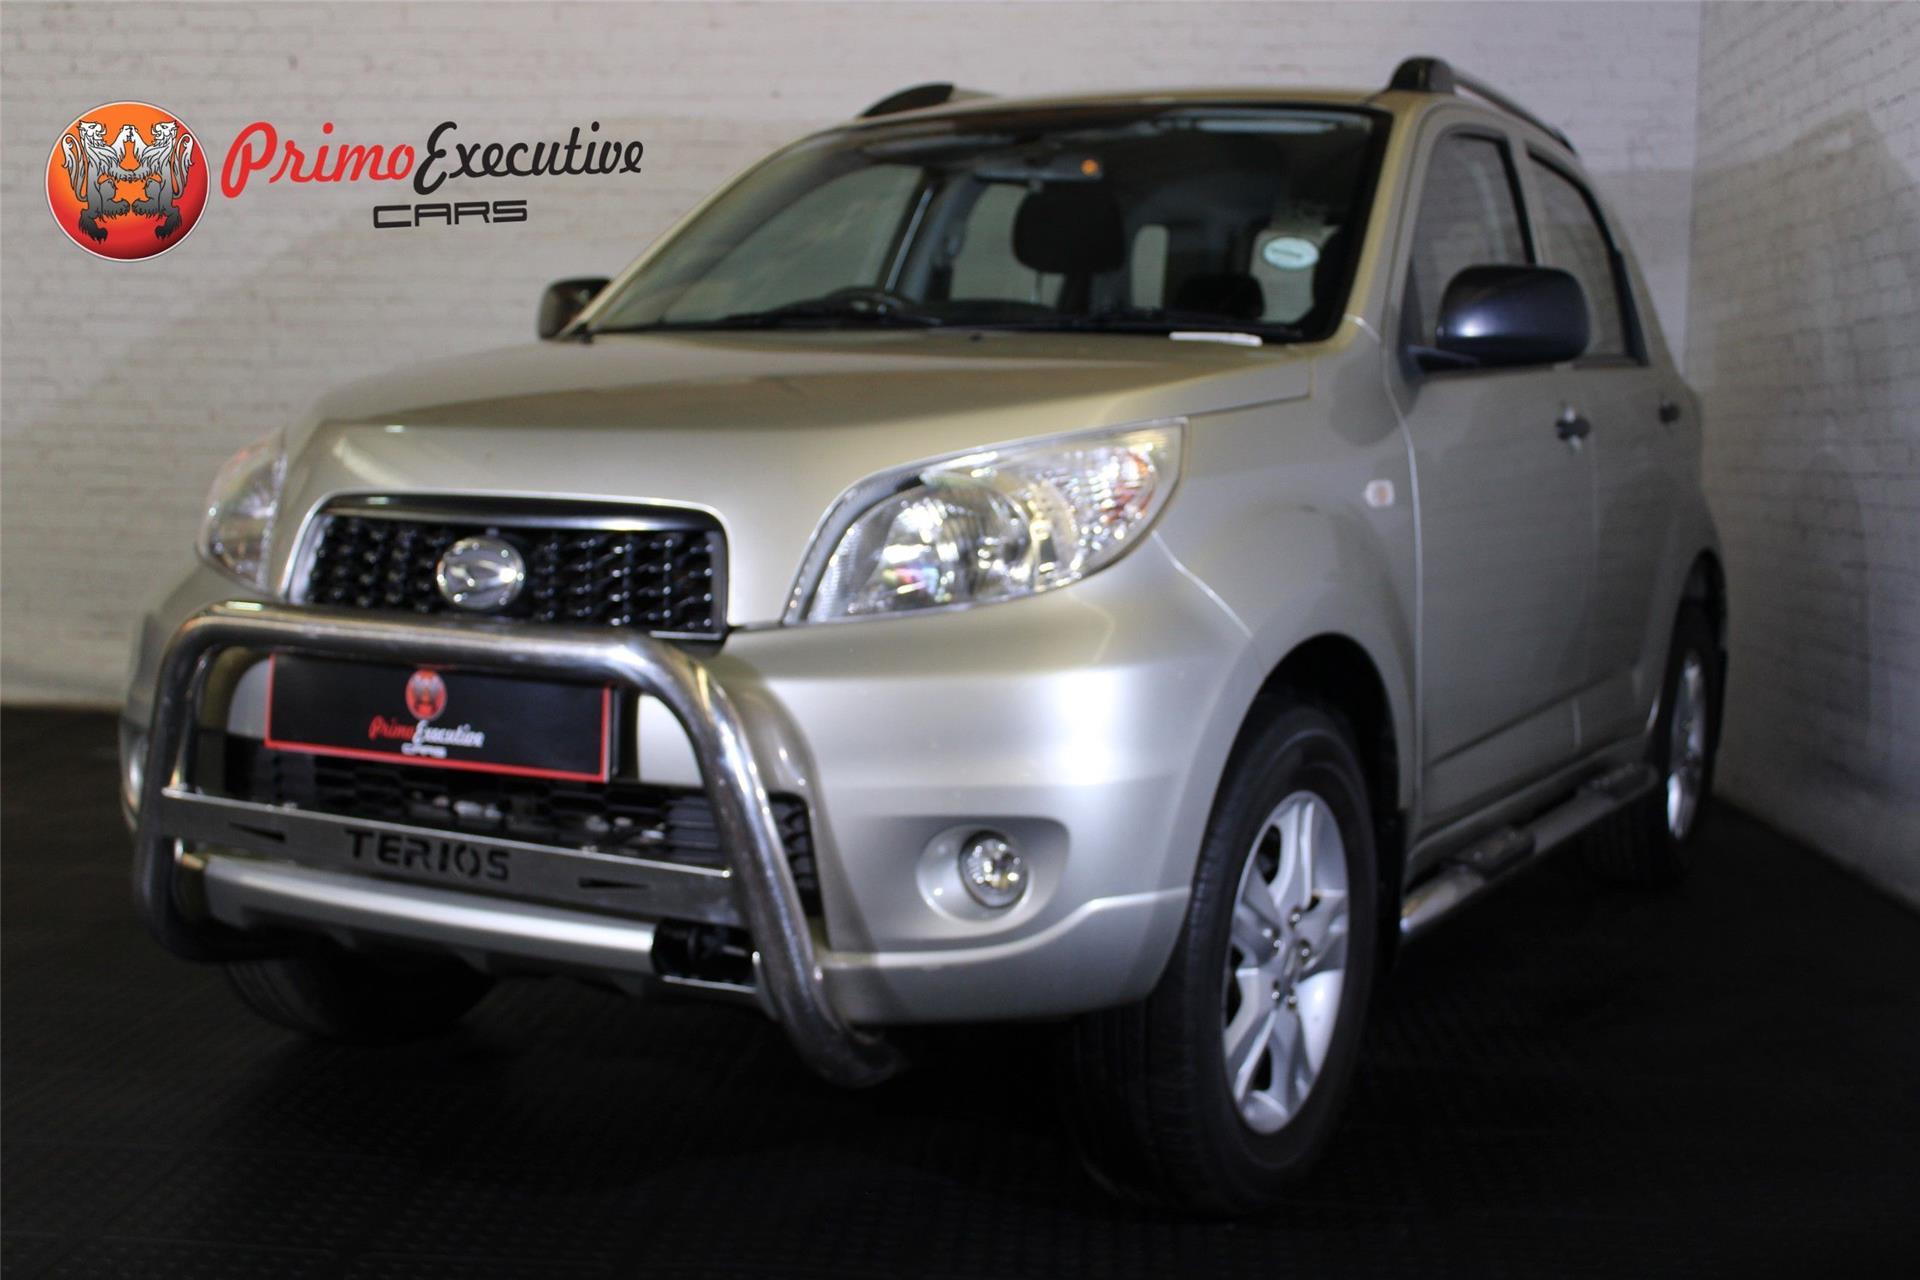 Daihatsu Terios 1.5 SWB (5 seater) 4x2